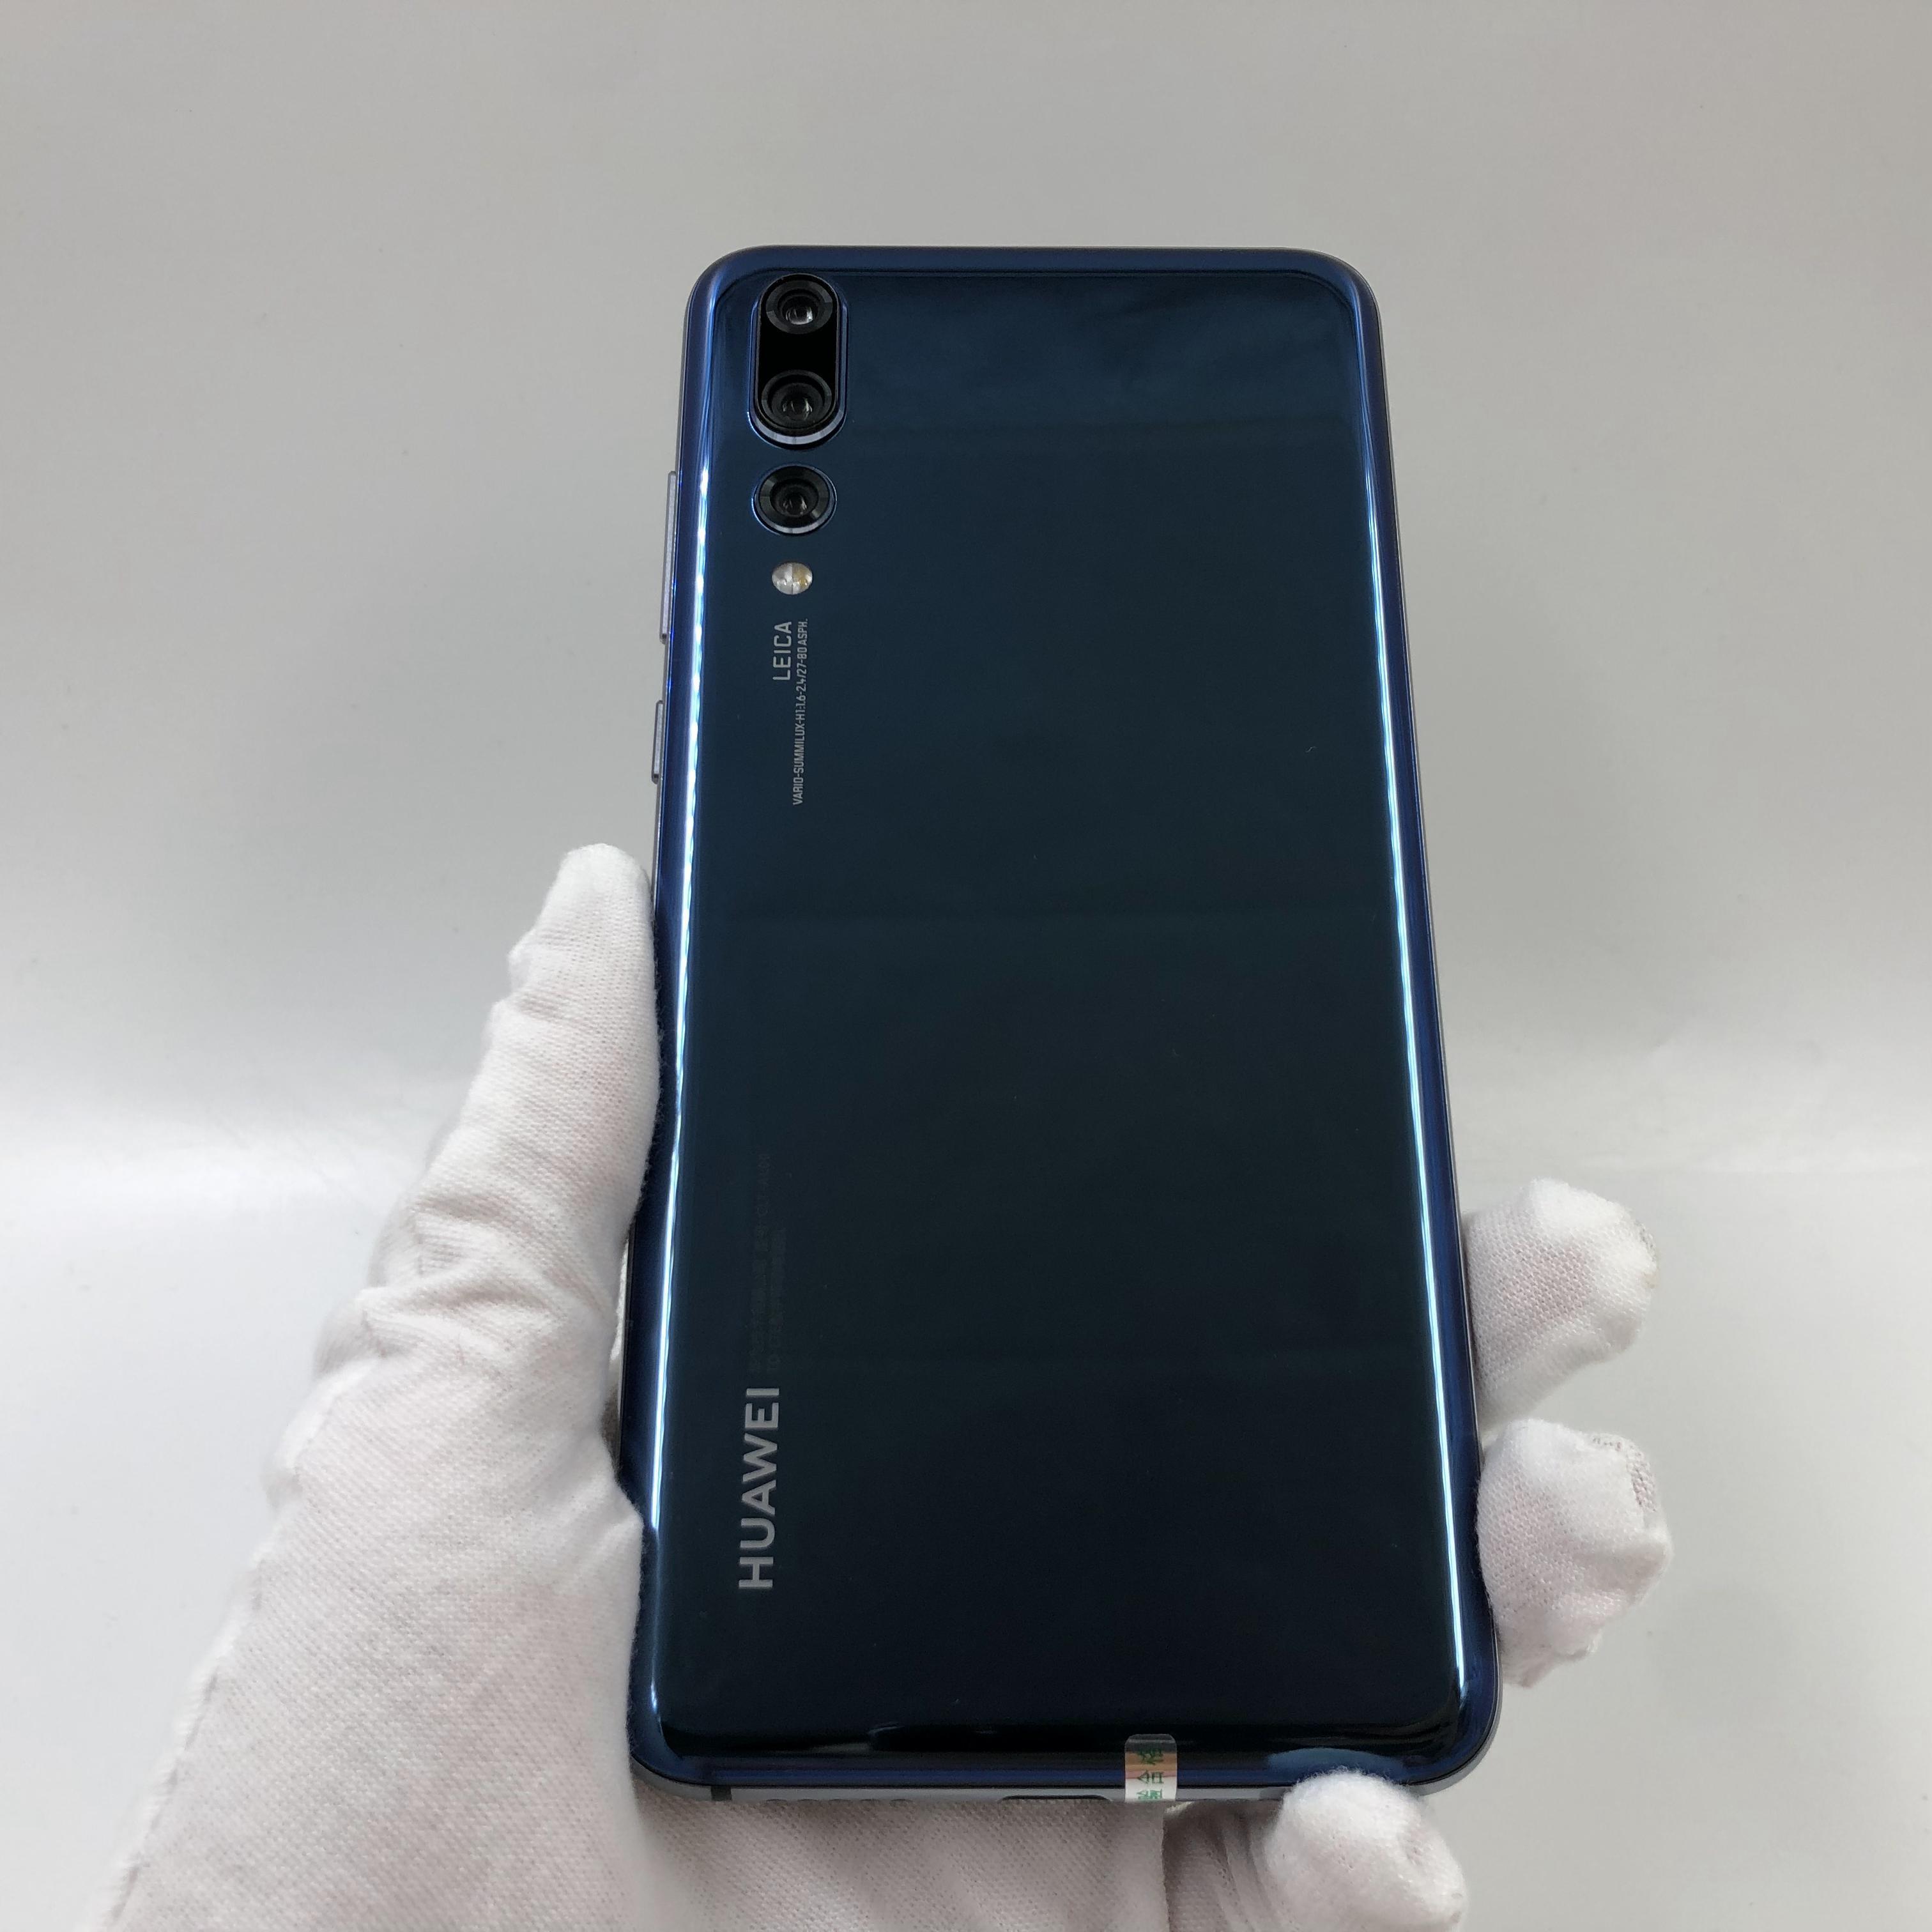 华为【P20 Pro】4G全网通 蓝色 6G/128G 国行 9成新 真机实拍